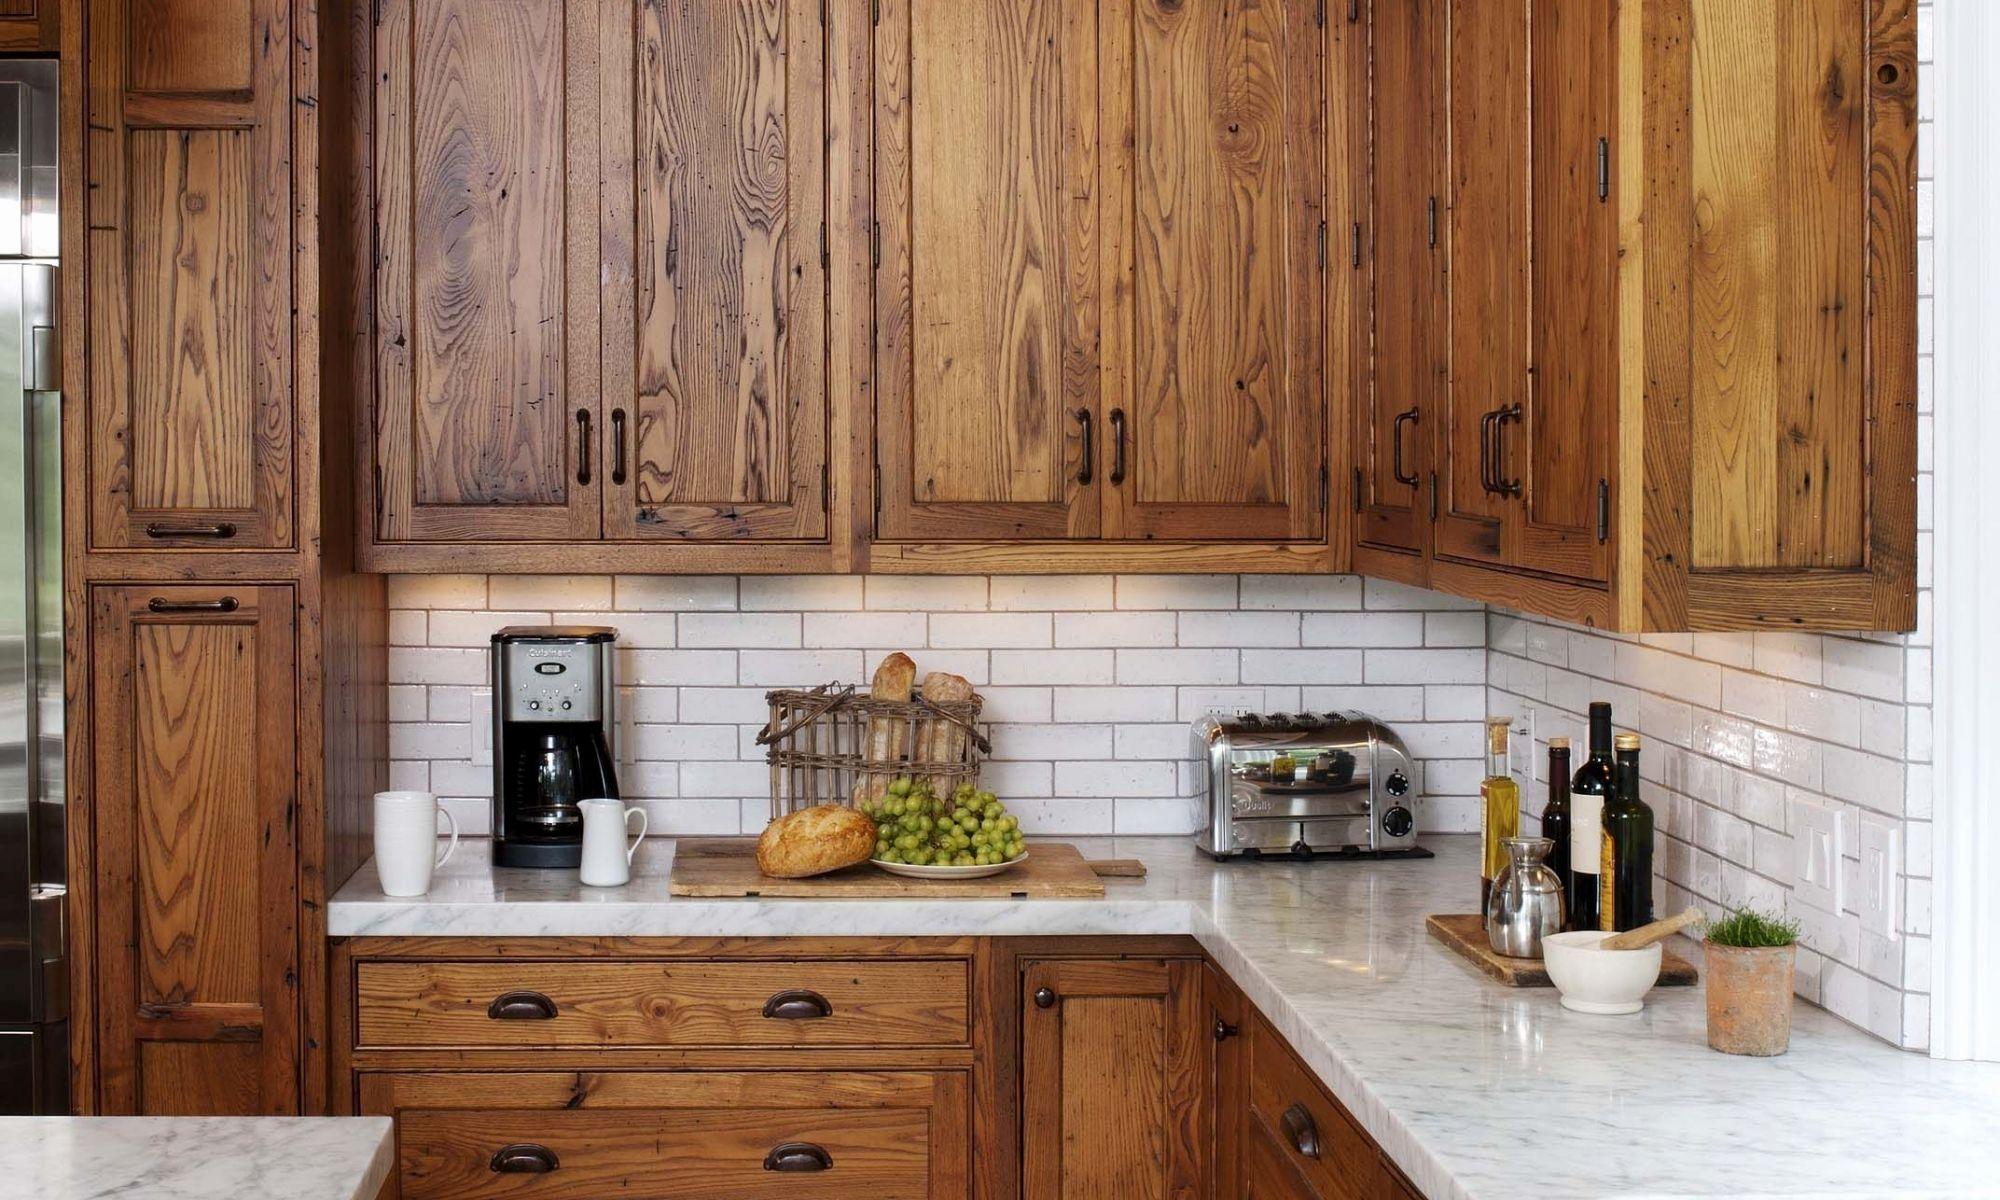 Kolonialstil Küche Kabinett hardware - Bronze ist ein Metall, das